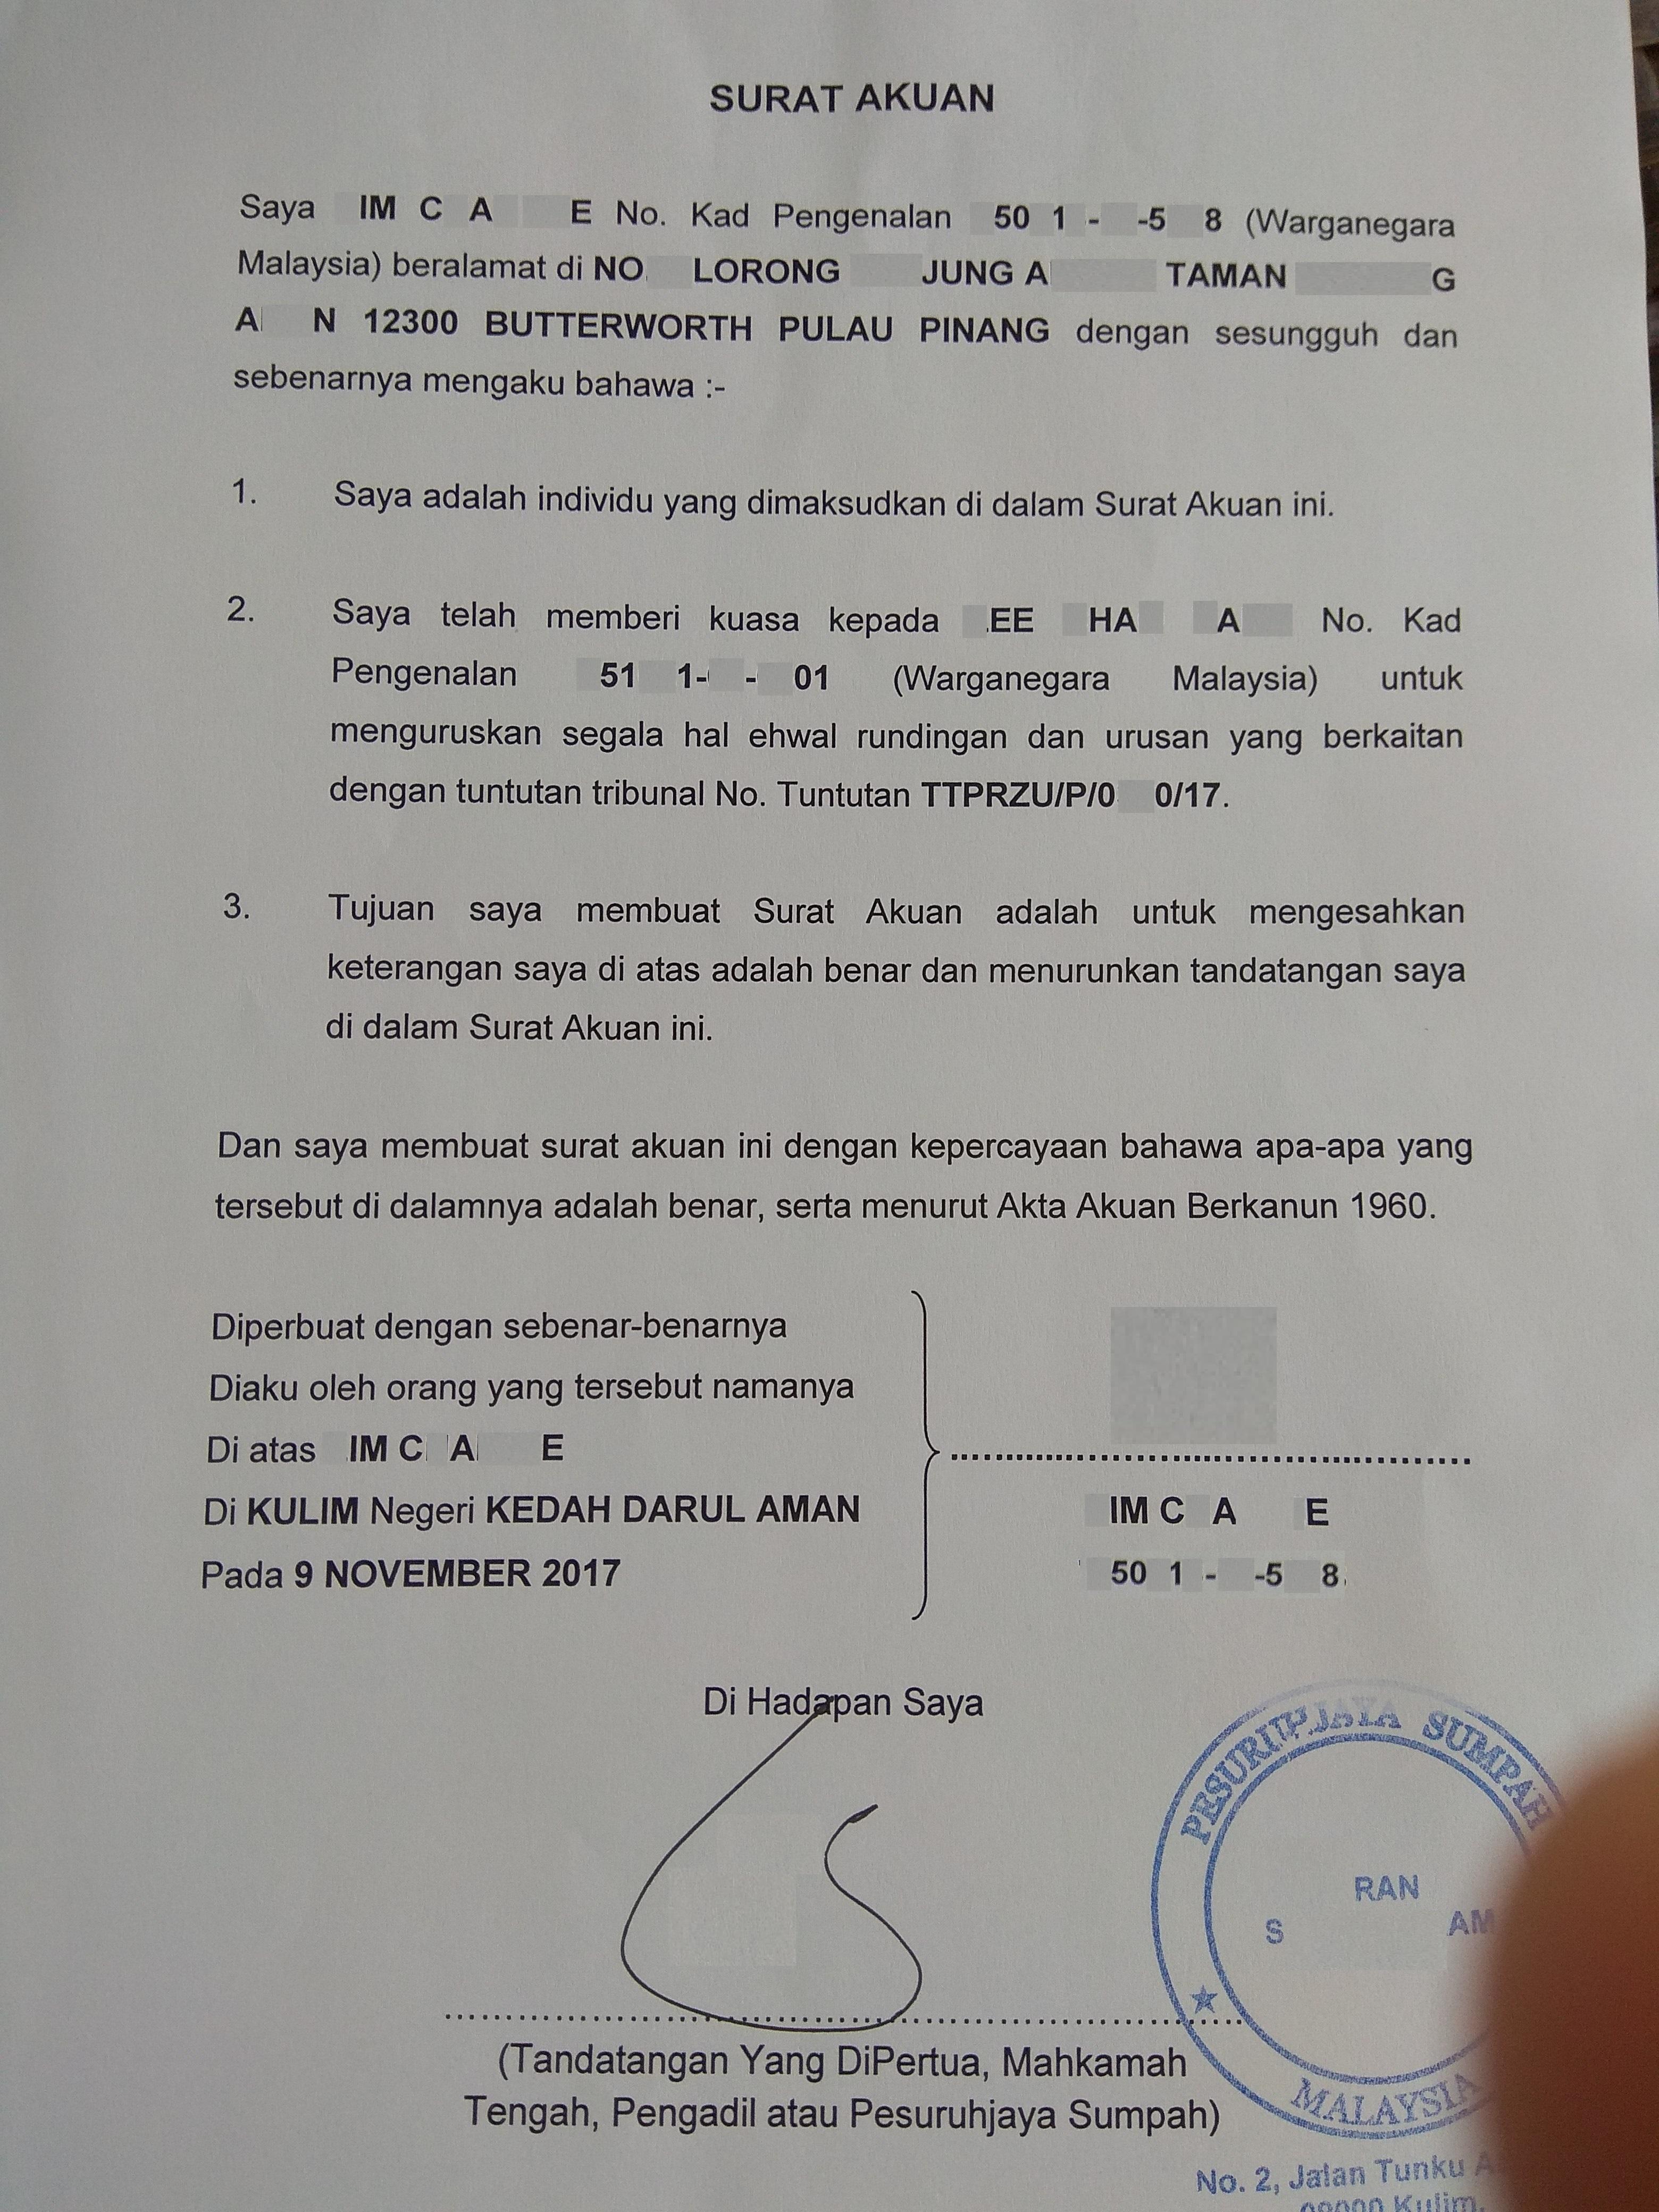 Sanple authorization letter